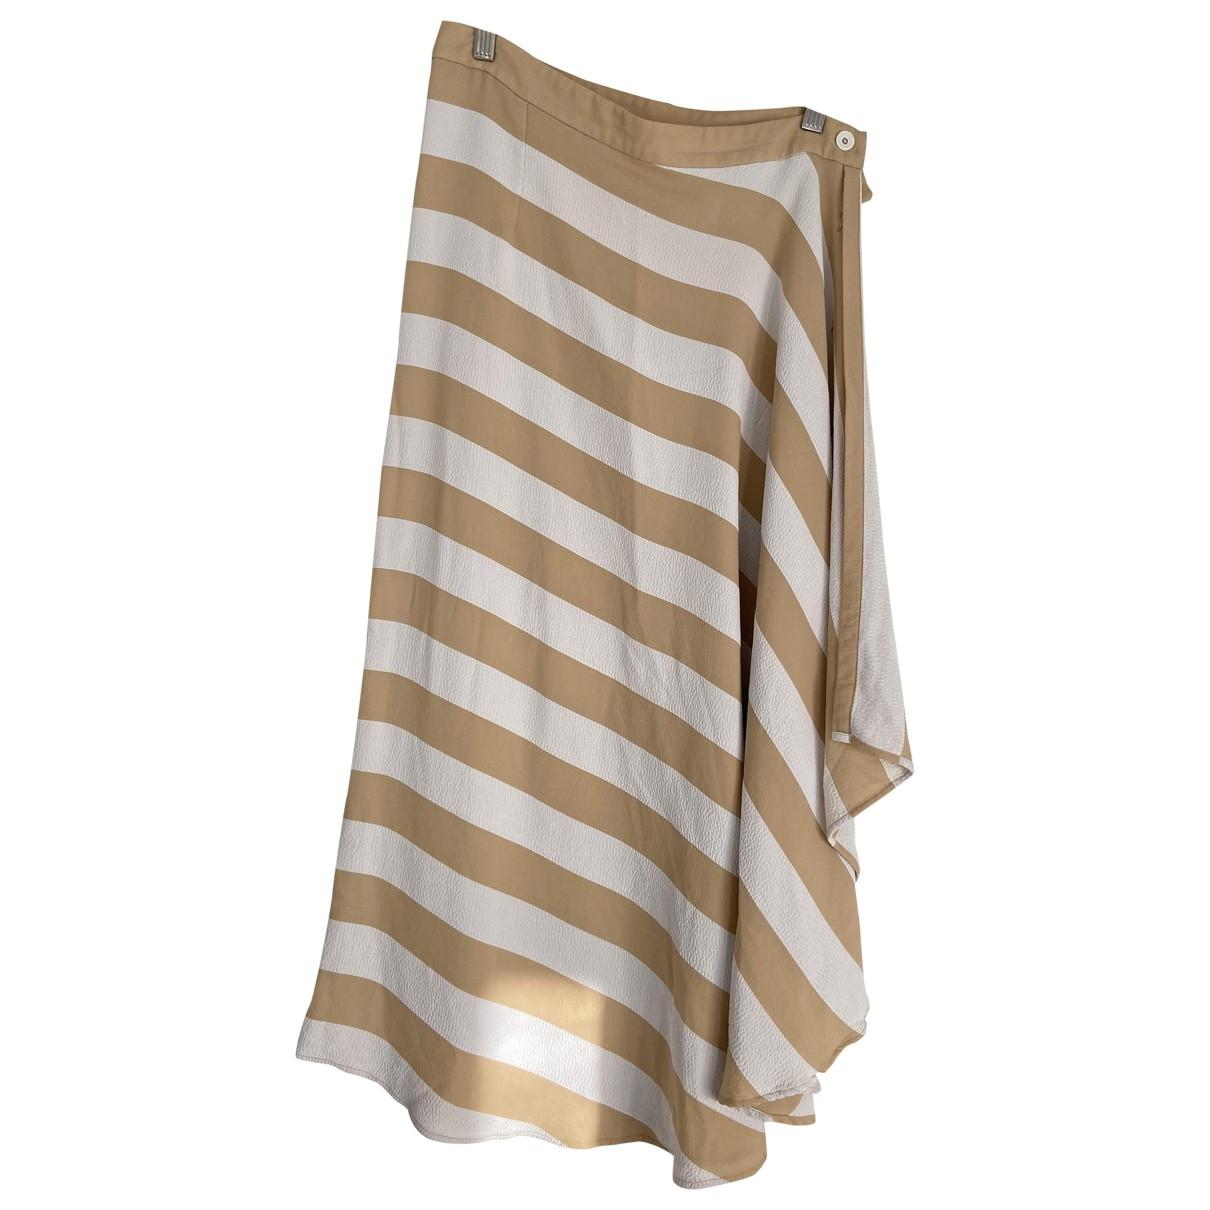 Rodebjer \N Beige skirt for Women S International